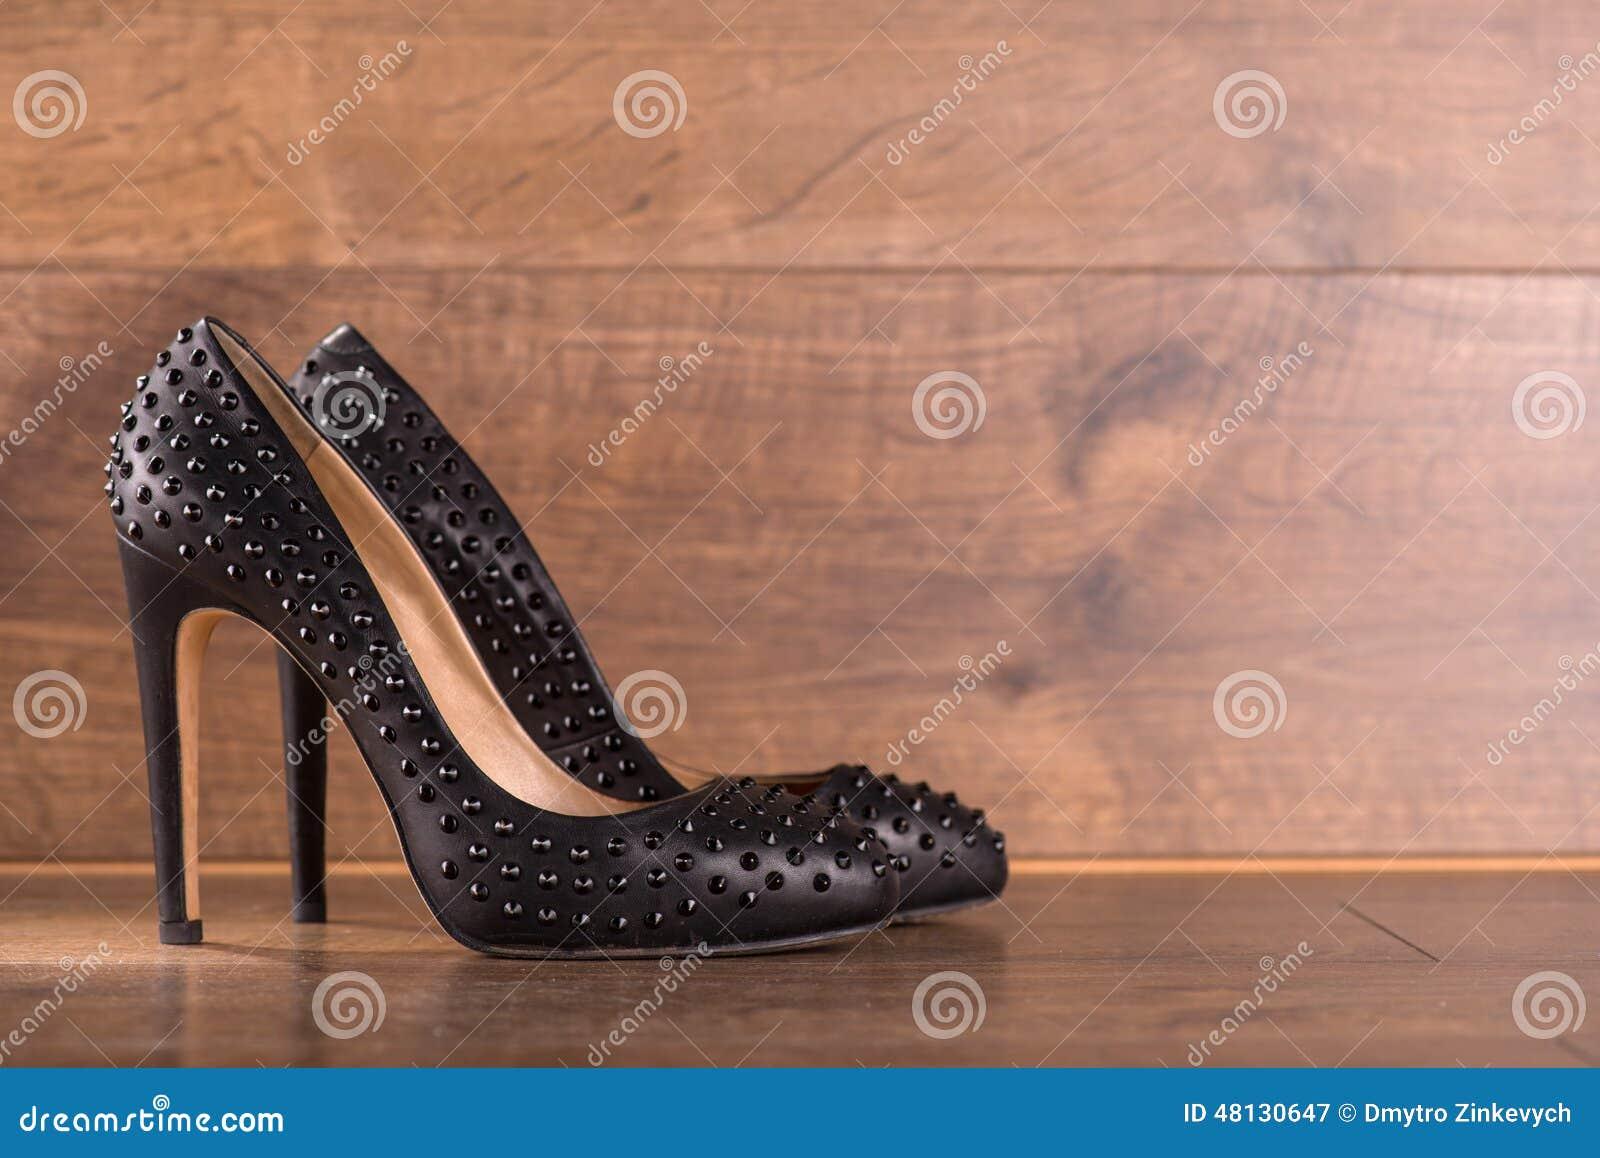 Zapatos de charol negros en piso